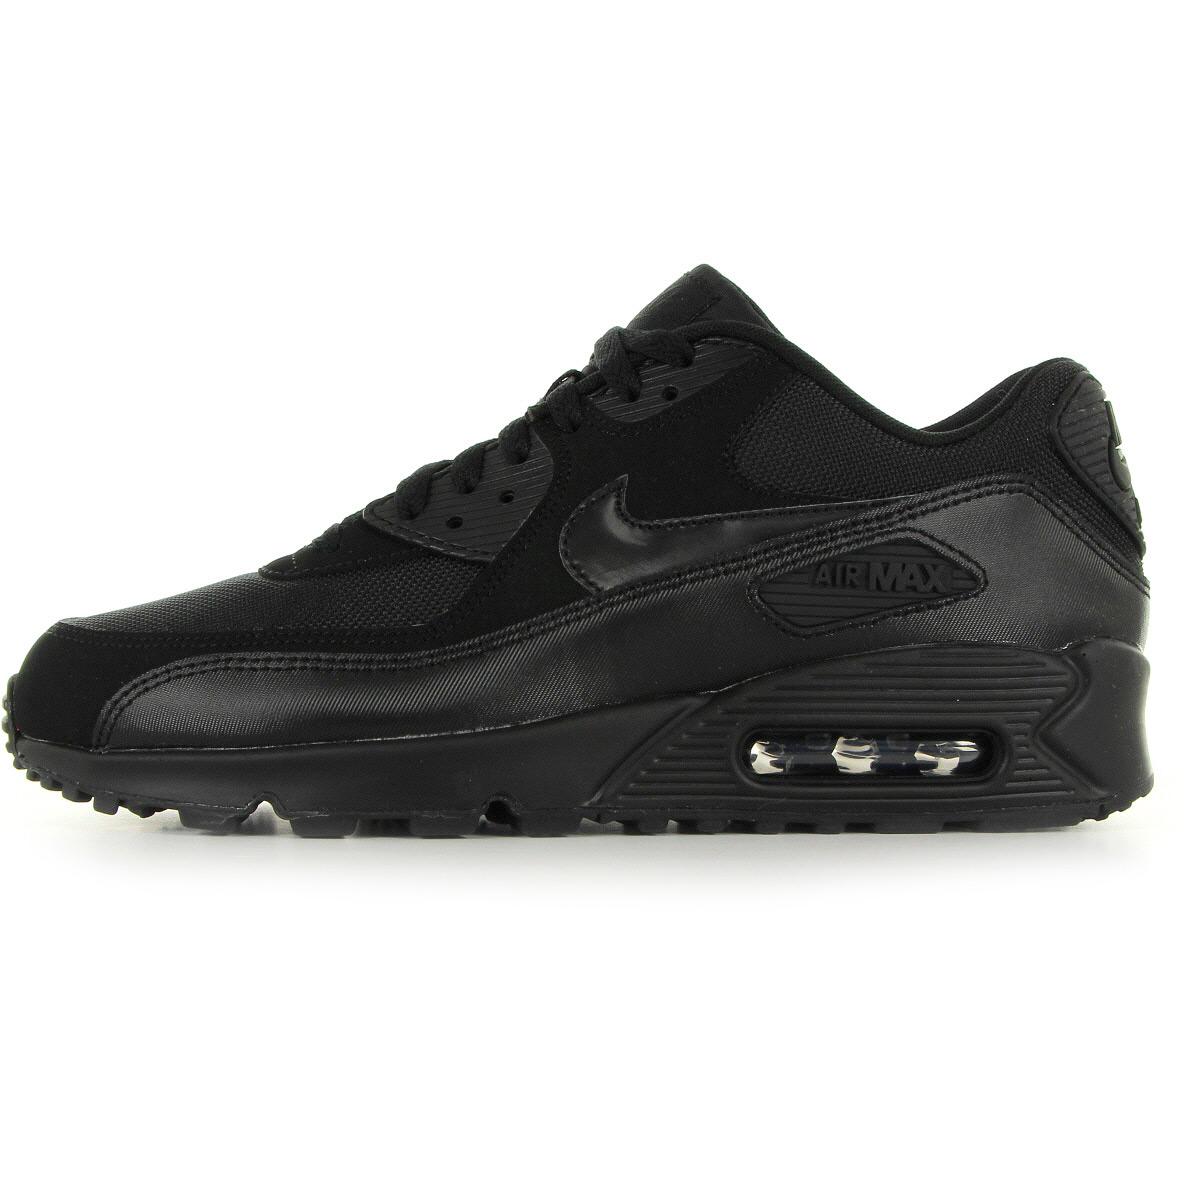 Detalles de Chaussures Baskets Nike homme Air max 90 essential taille Noir Noire Cuir Lacets